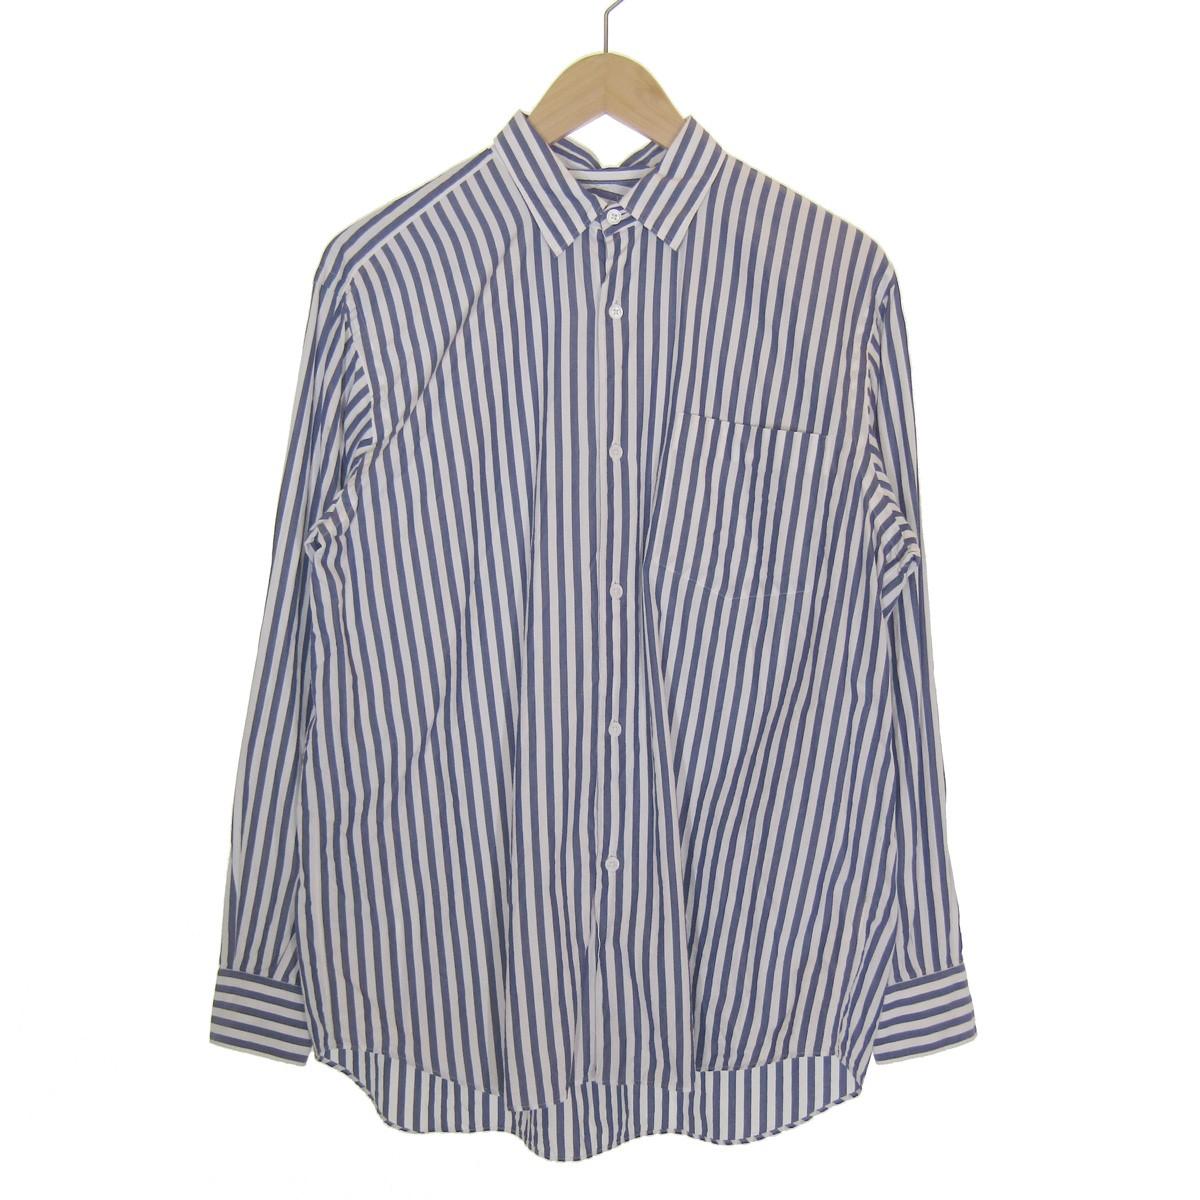 【中古】COMOLI ストライプコモリシャツ ホワイト×ブルー サイズ:2 【120320】(コモリ)